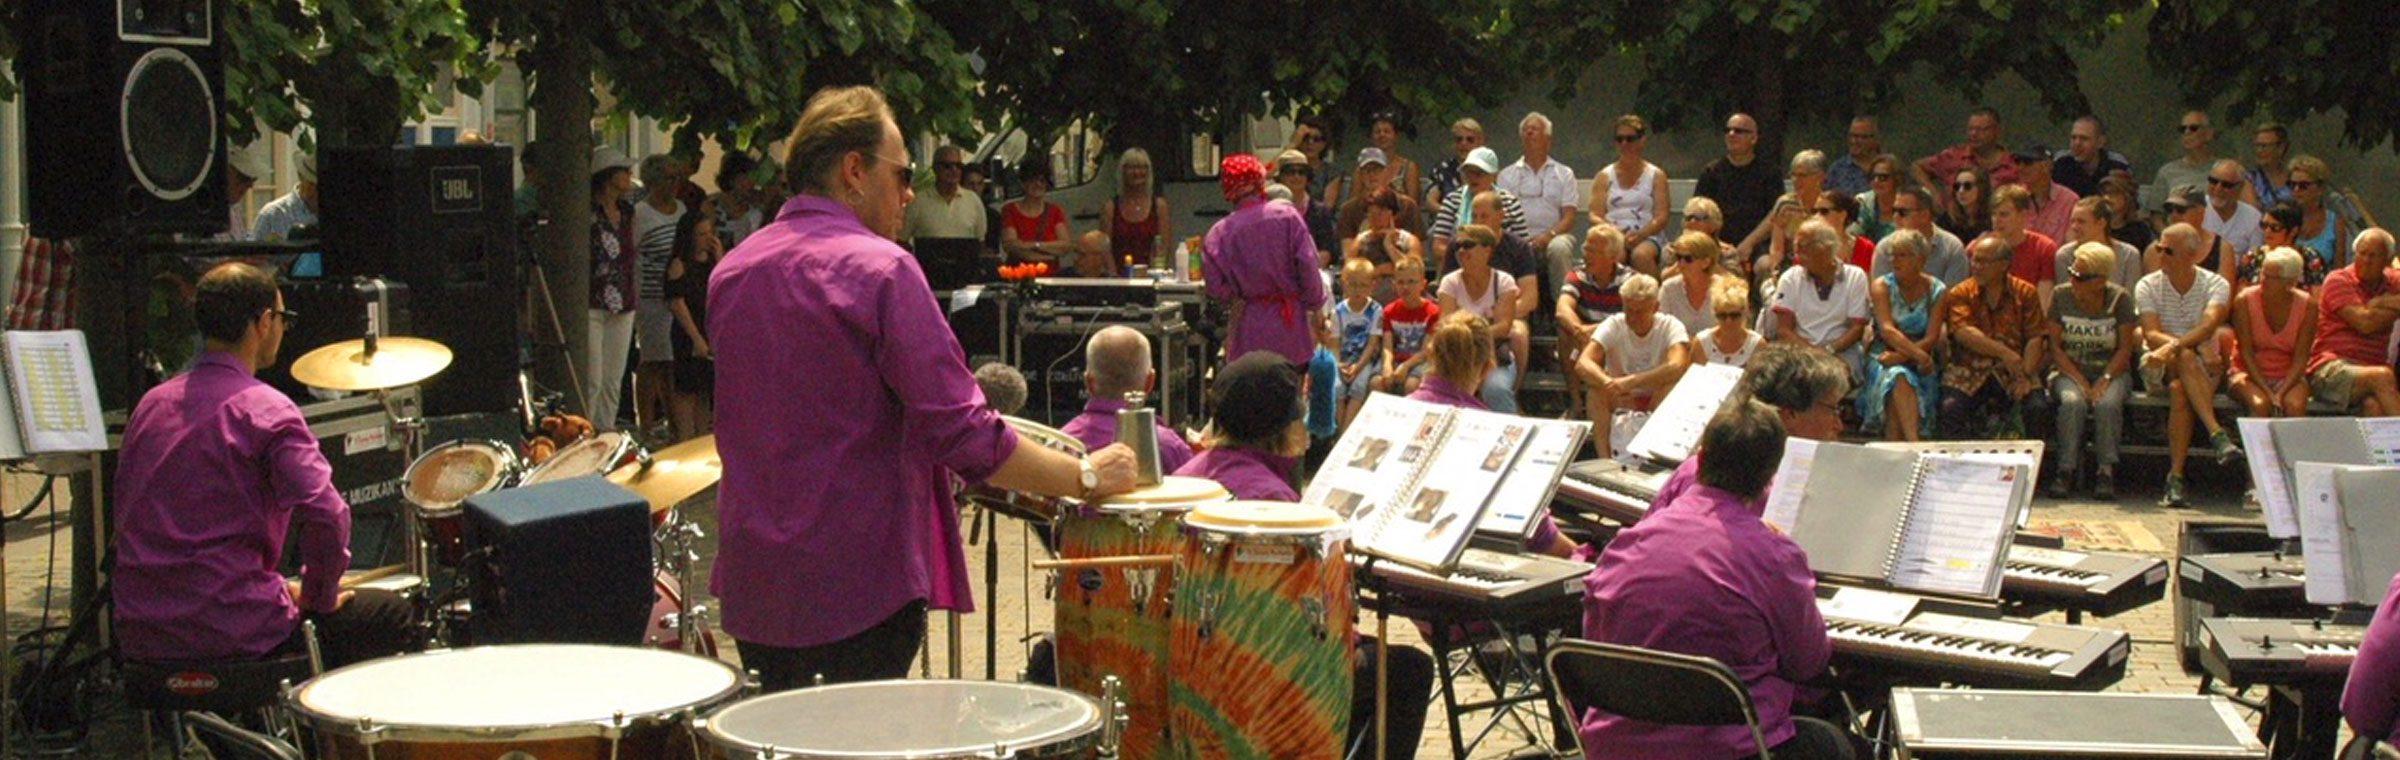 Speciaal onderwijs voor muziek - Muziek Ook Voor Jou - Muziek voor mensen met een beperking